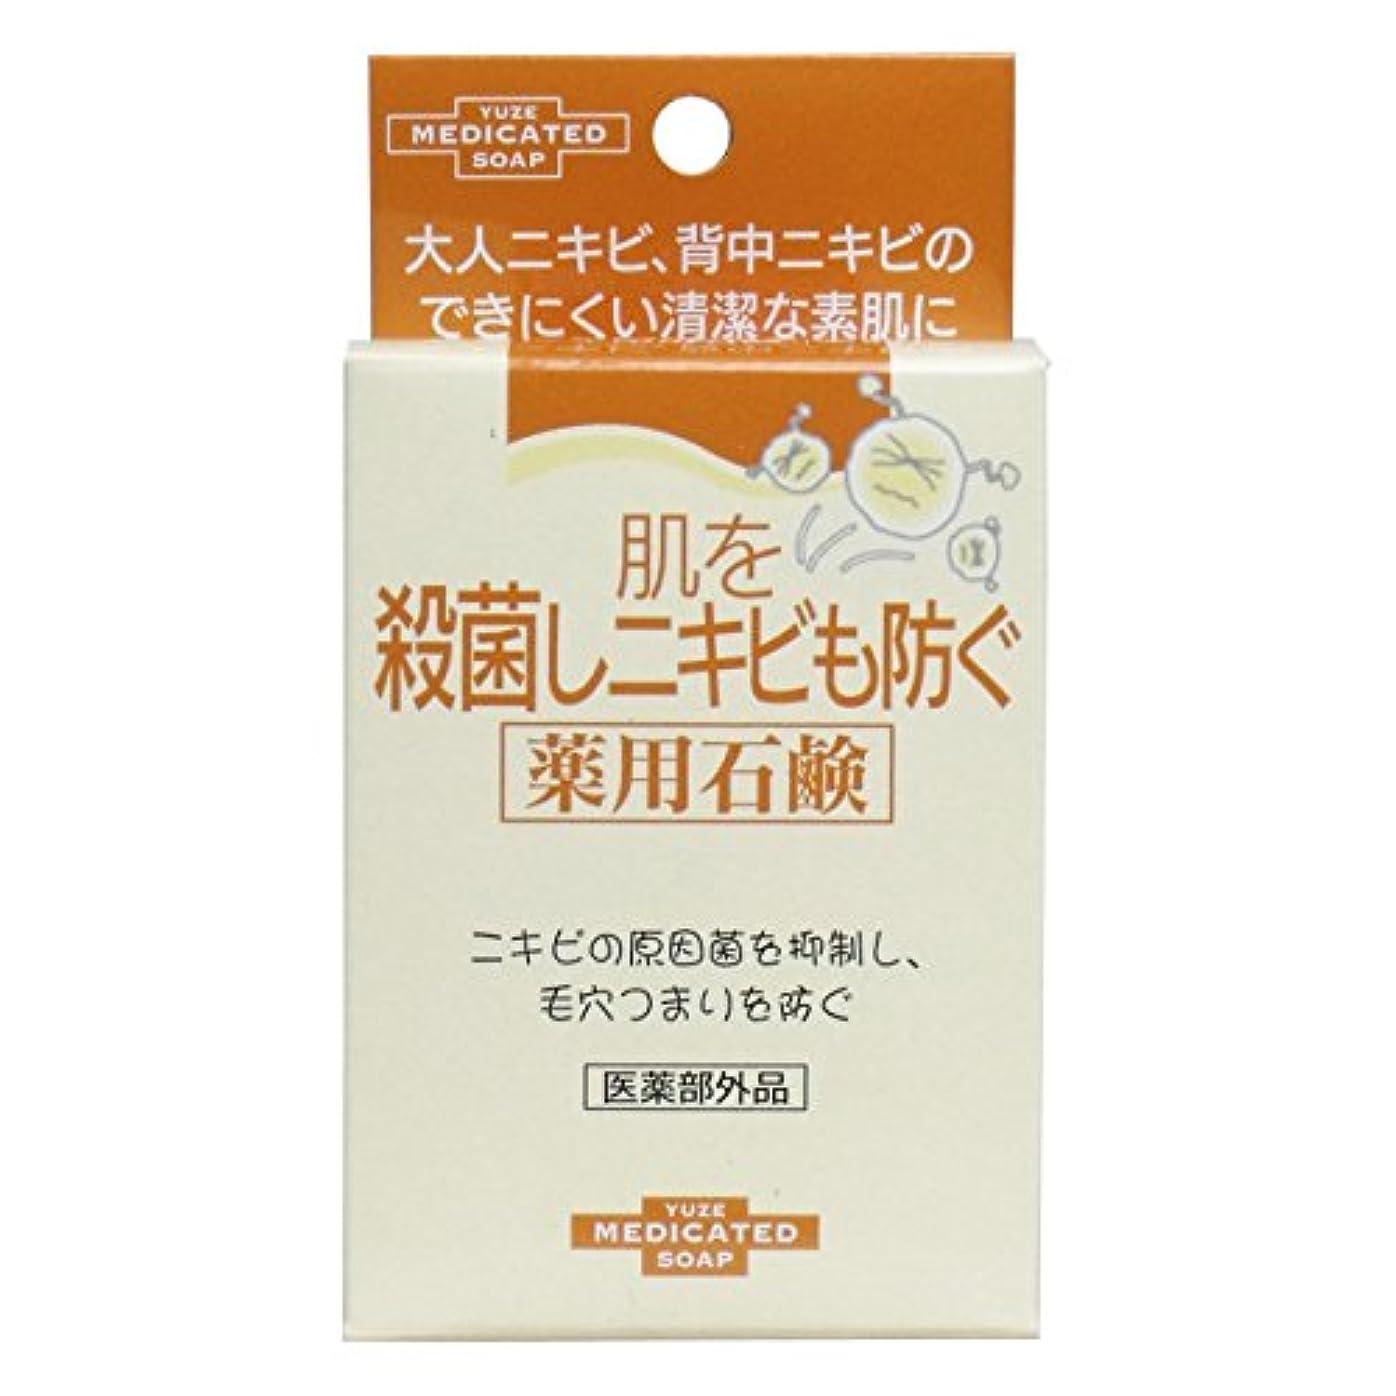 ブリード信じる息切れユゼ 肌を殺菌しニキビも防ぐ薬用石鹸 (110g)